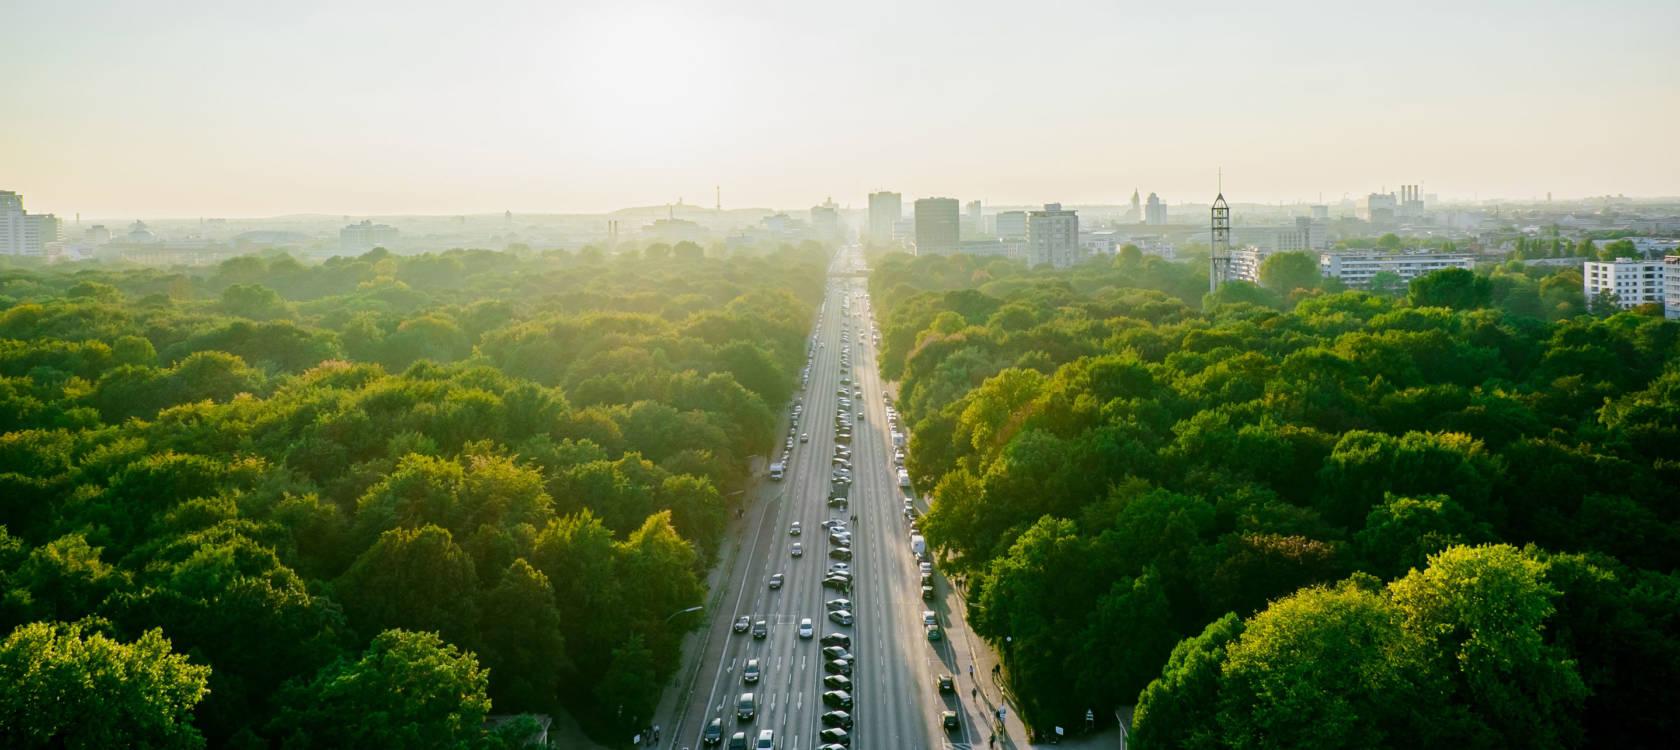 Maailma muutvad ideed: Puud peaksid olema osa linnade tervishoiu infrastruktuurist